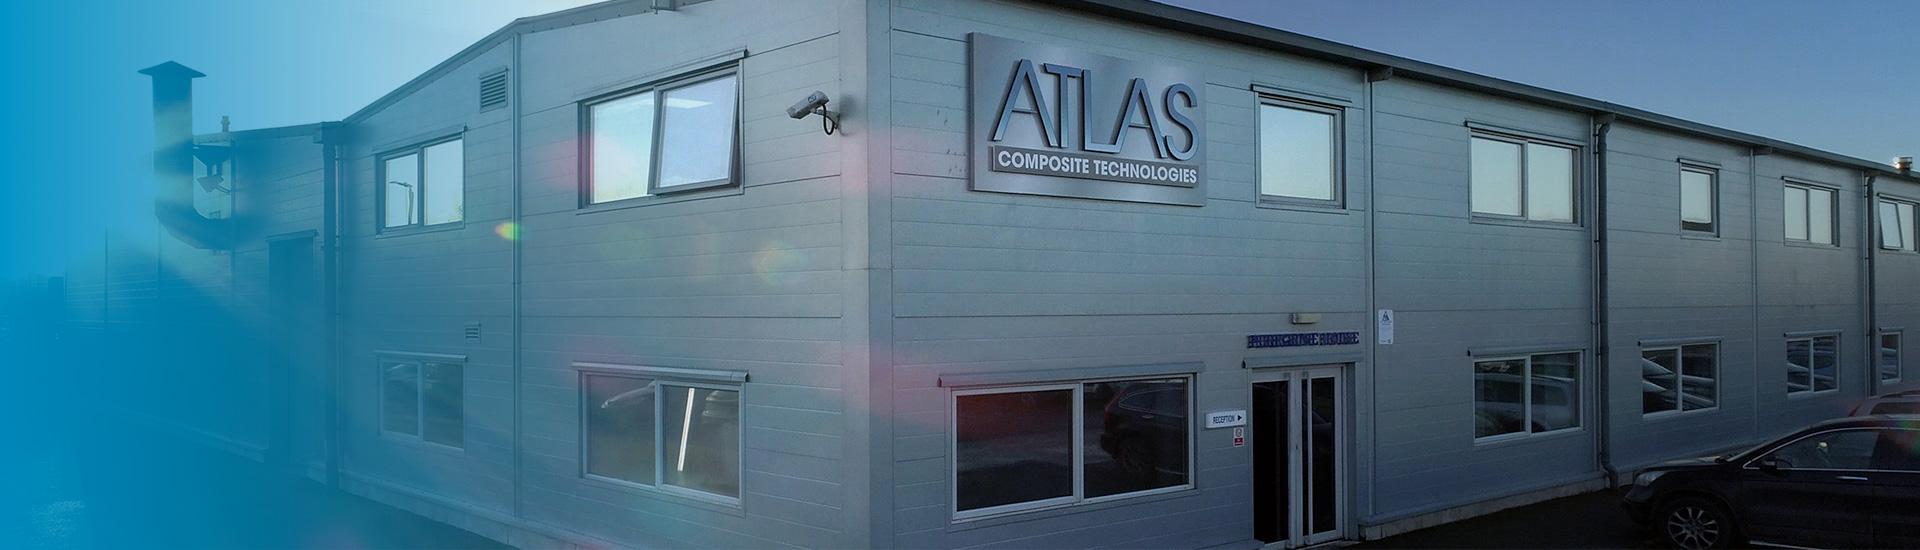 uk_composites_manufacturer